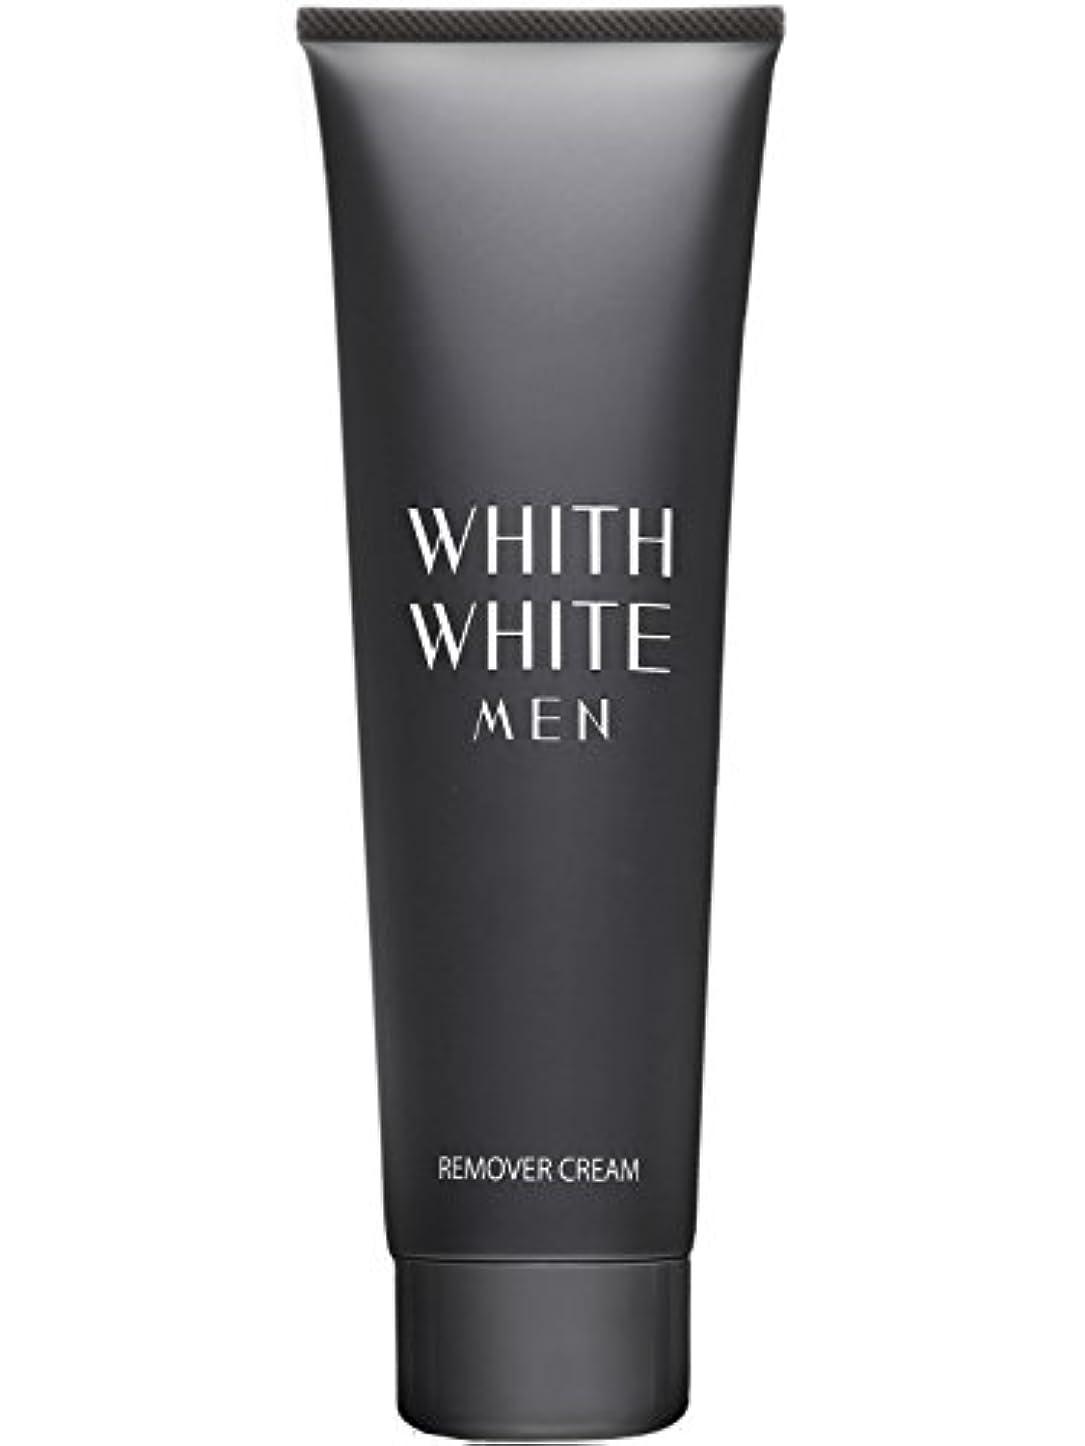 バン苦難カストディアン医薬部外品 フィス ホワイト メンズ 除毛クリーム リムーバークリーム 陰部 使用可能 210g